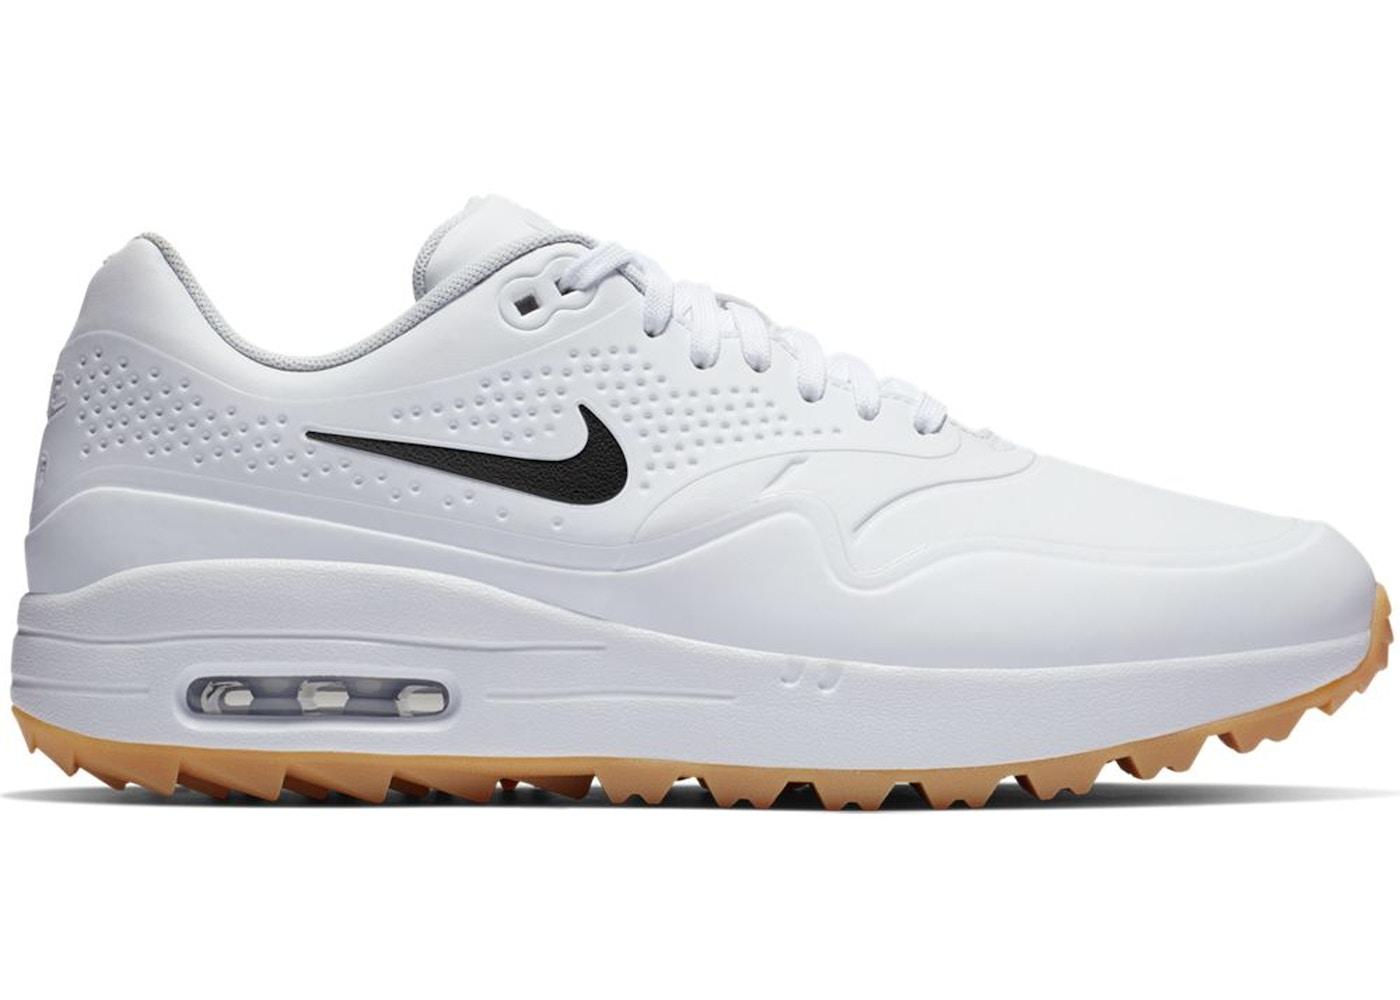 Nike Air Max 1 Golf White Gum Black Swoosh - AQ0863-101B